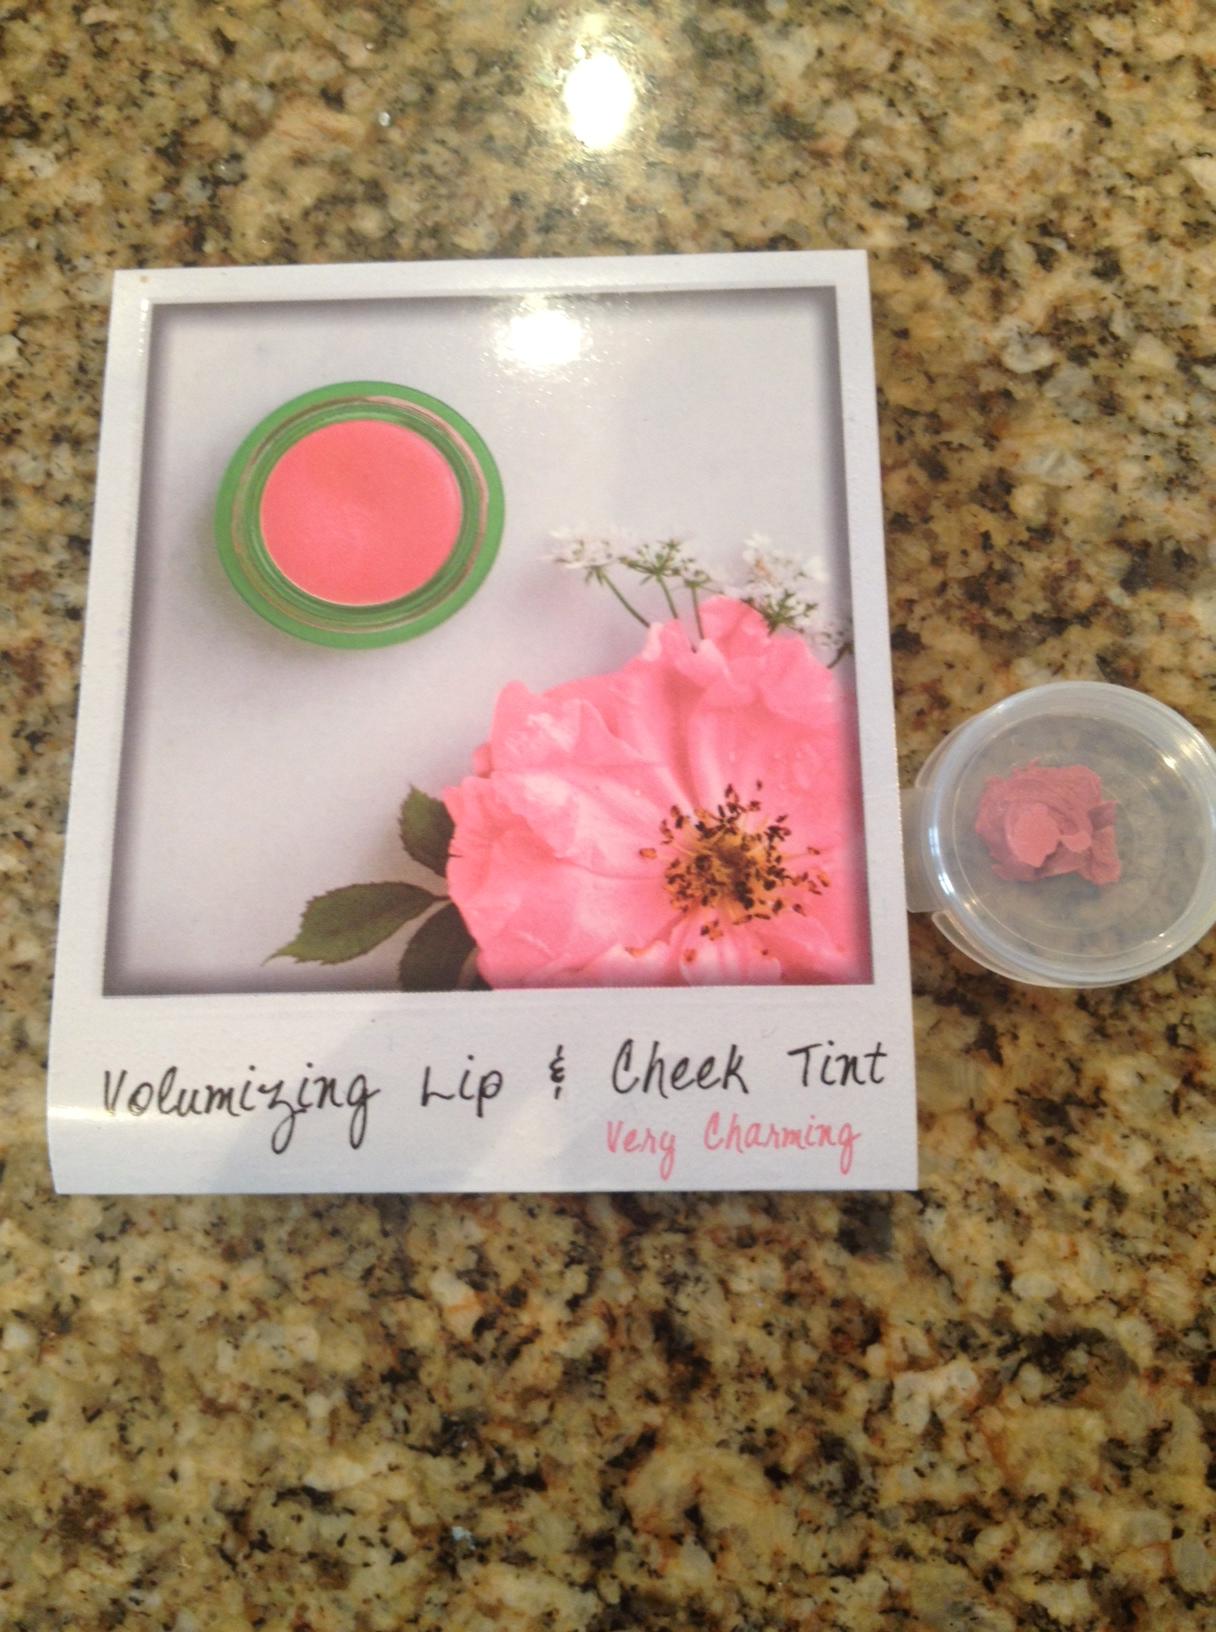 Volumizing Lip & Cheek Tint by tata harper #19